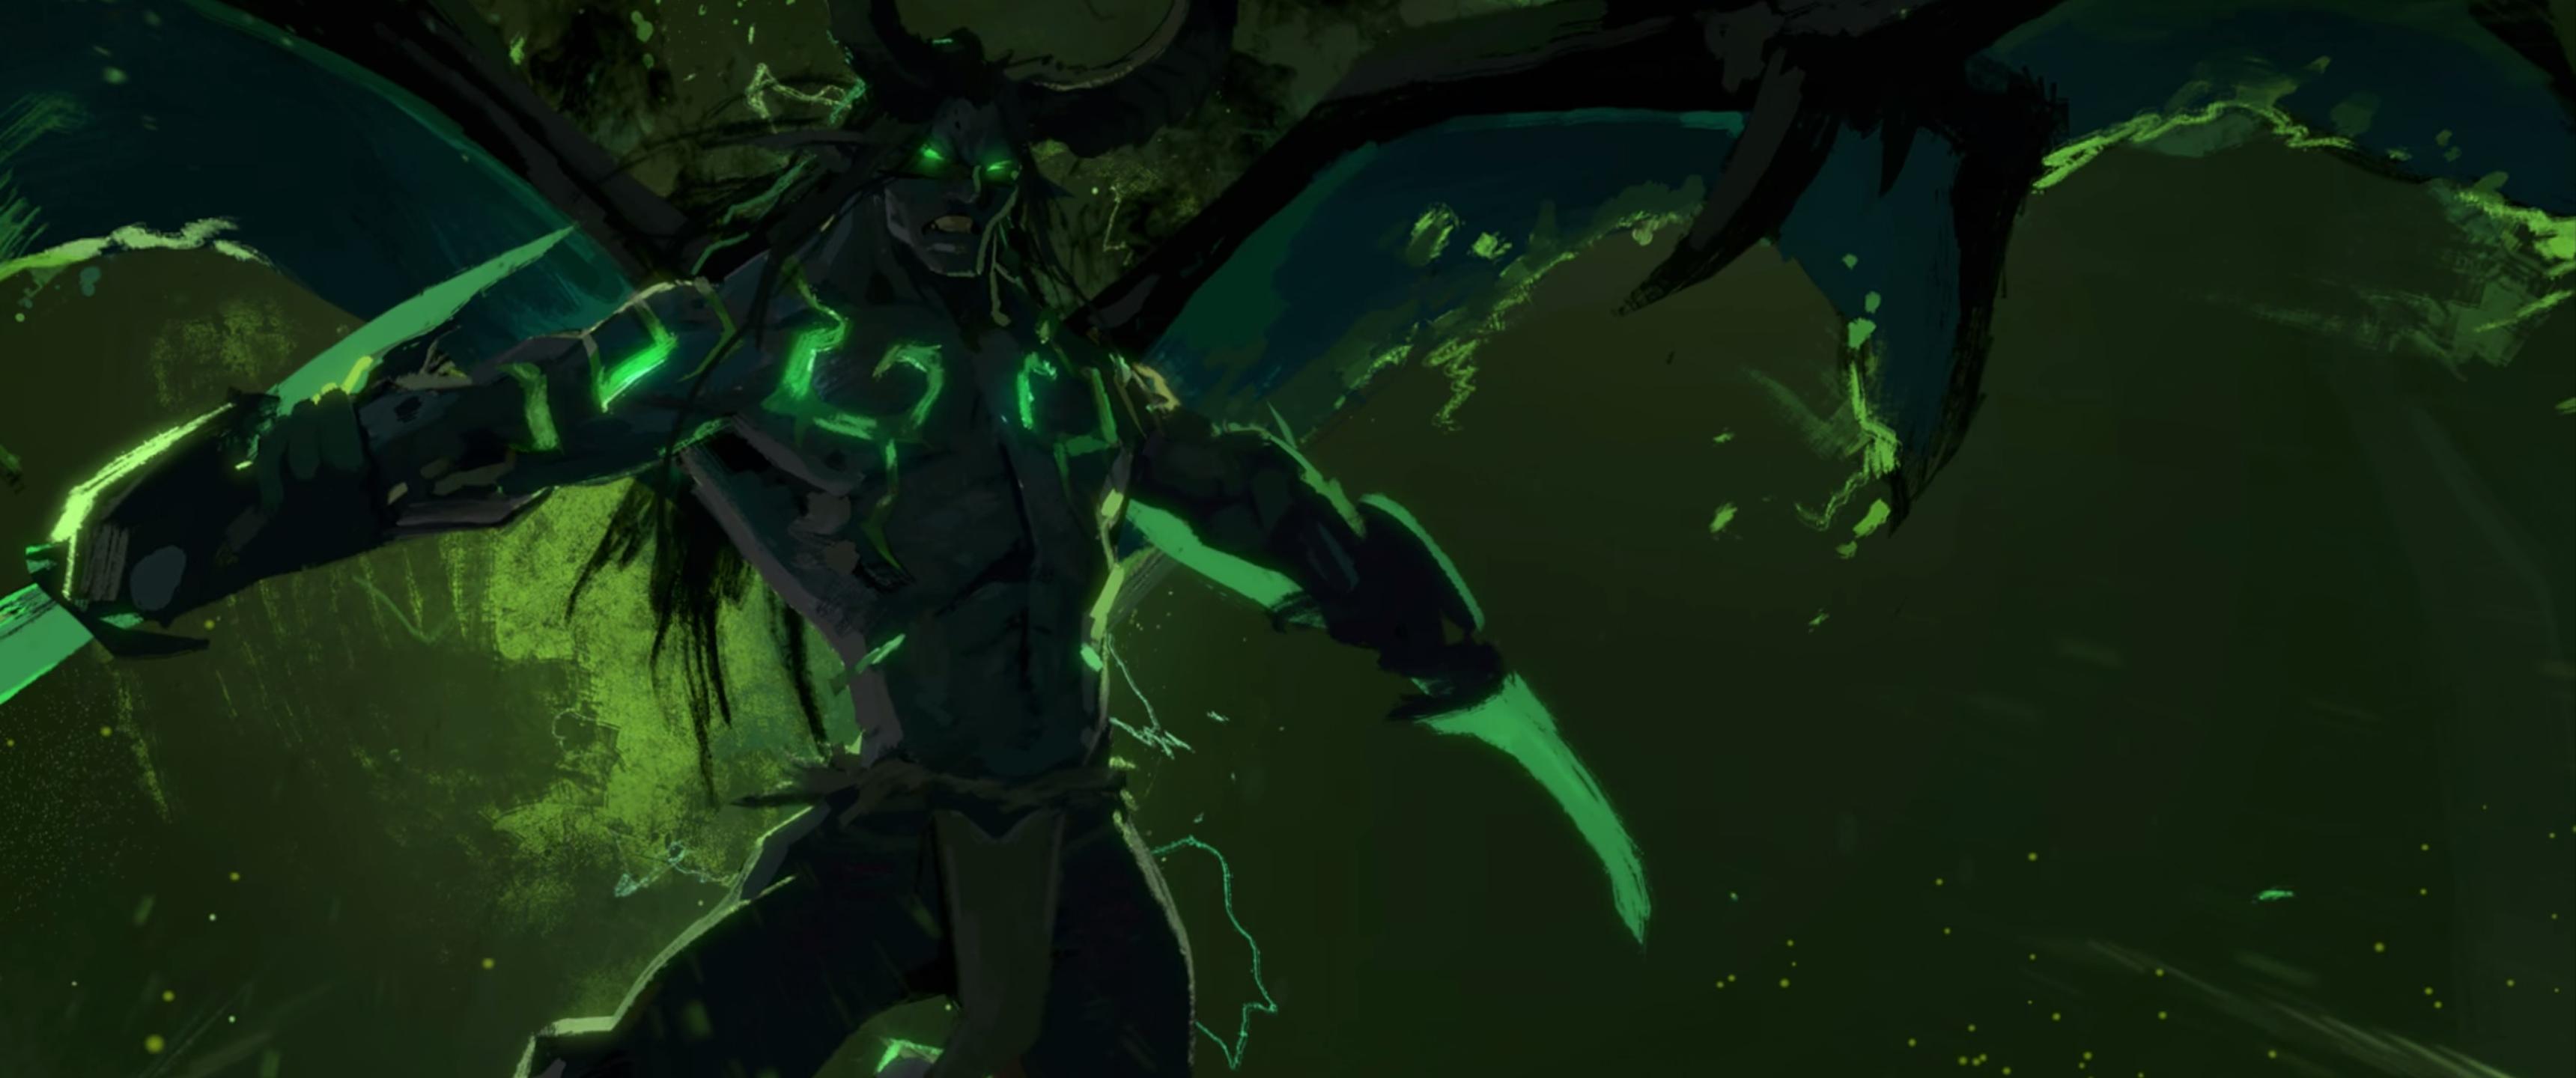 Wallpaper World Of Warcraft Green Blizzard Entertainment